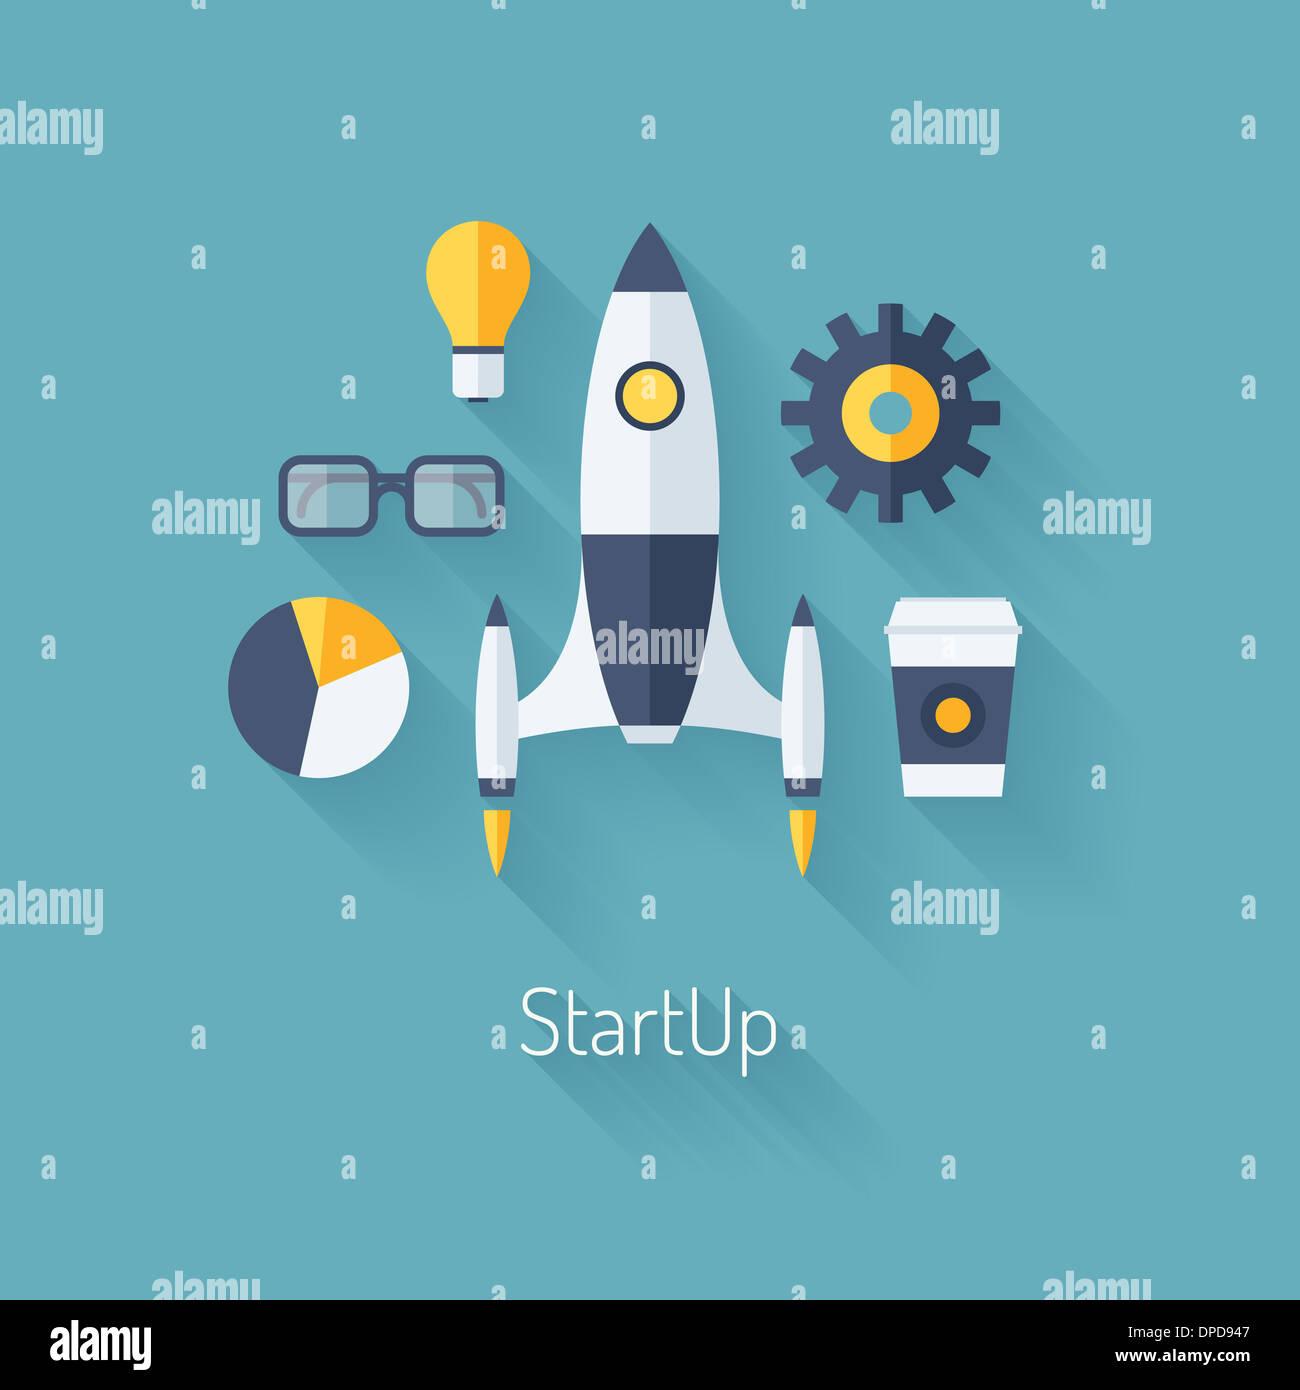 Design piatto illustrazione moderno concetto di nuovo business di avvio del progetto di sviluppo e il lancio di un nuovo prodotto dell'innovazione Immagini Stock